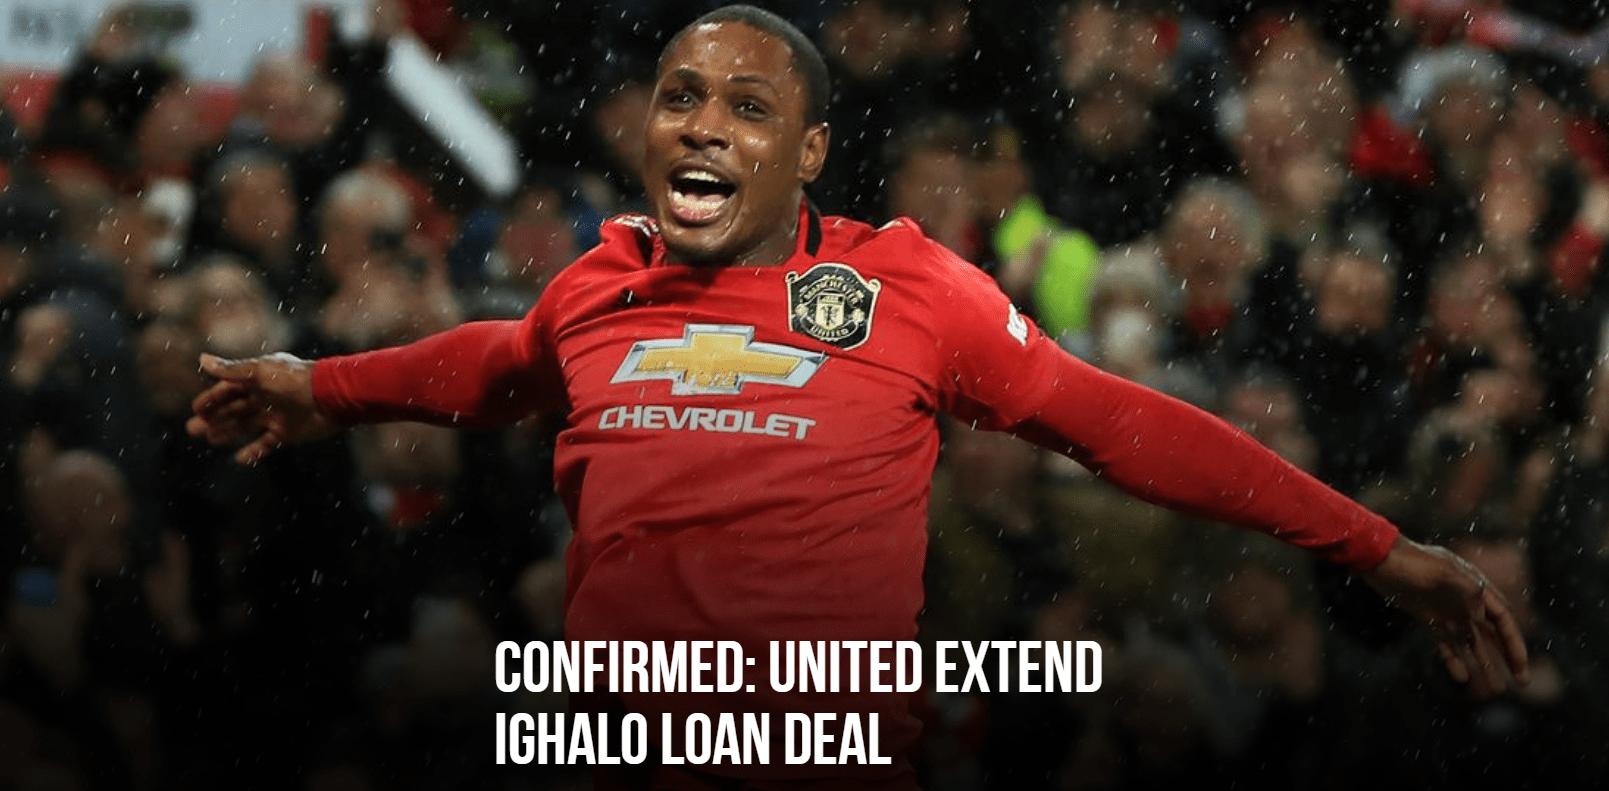 官方:曼联确认续租伊哈洛 新合同明年1月底到期